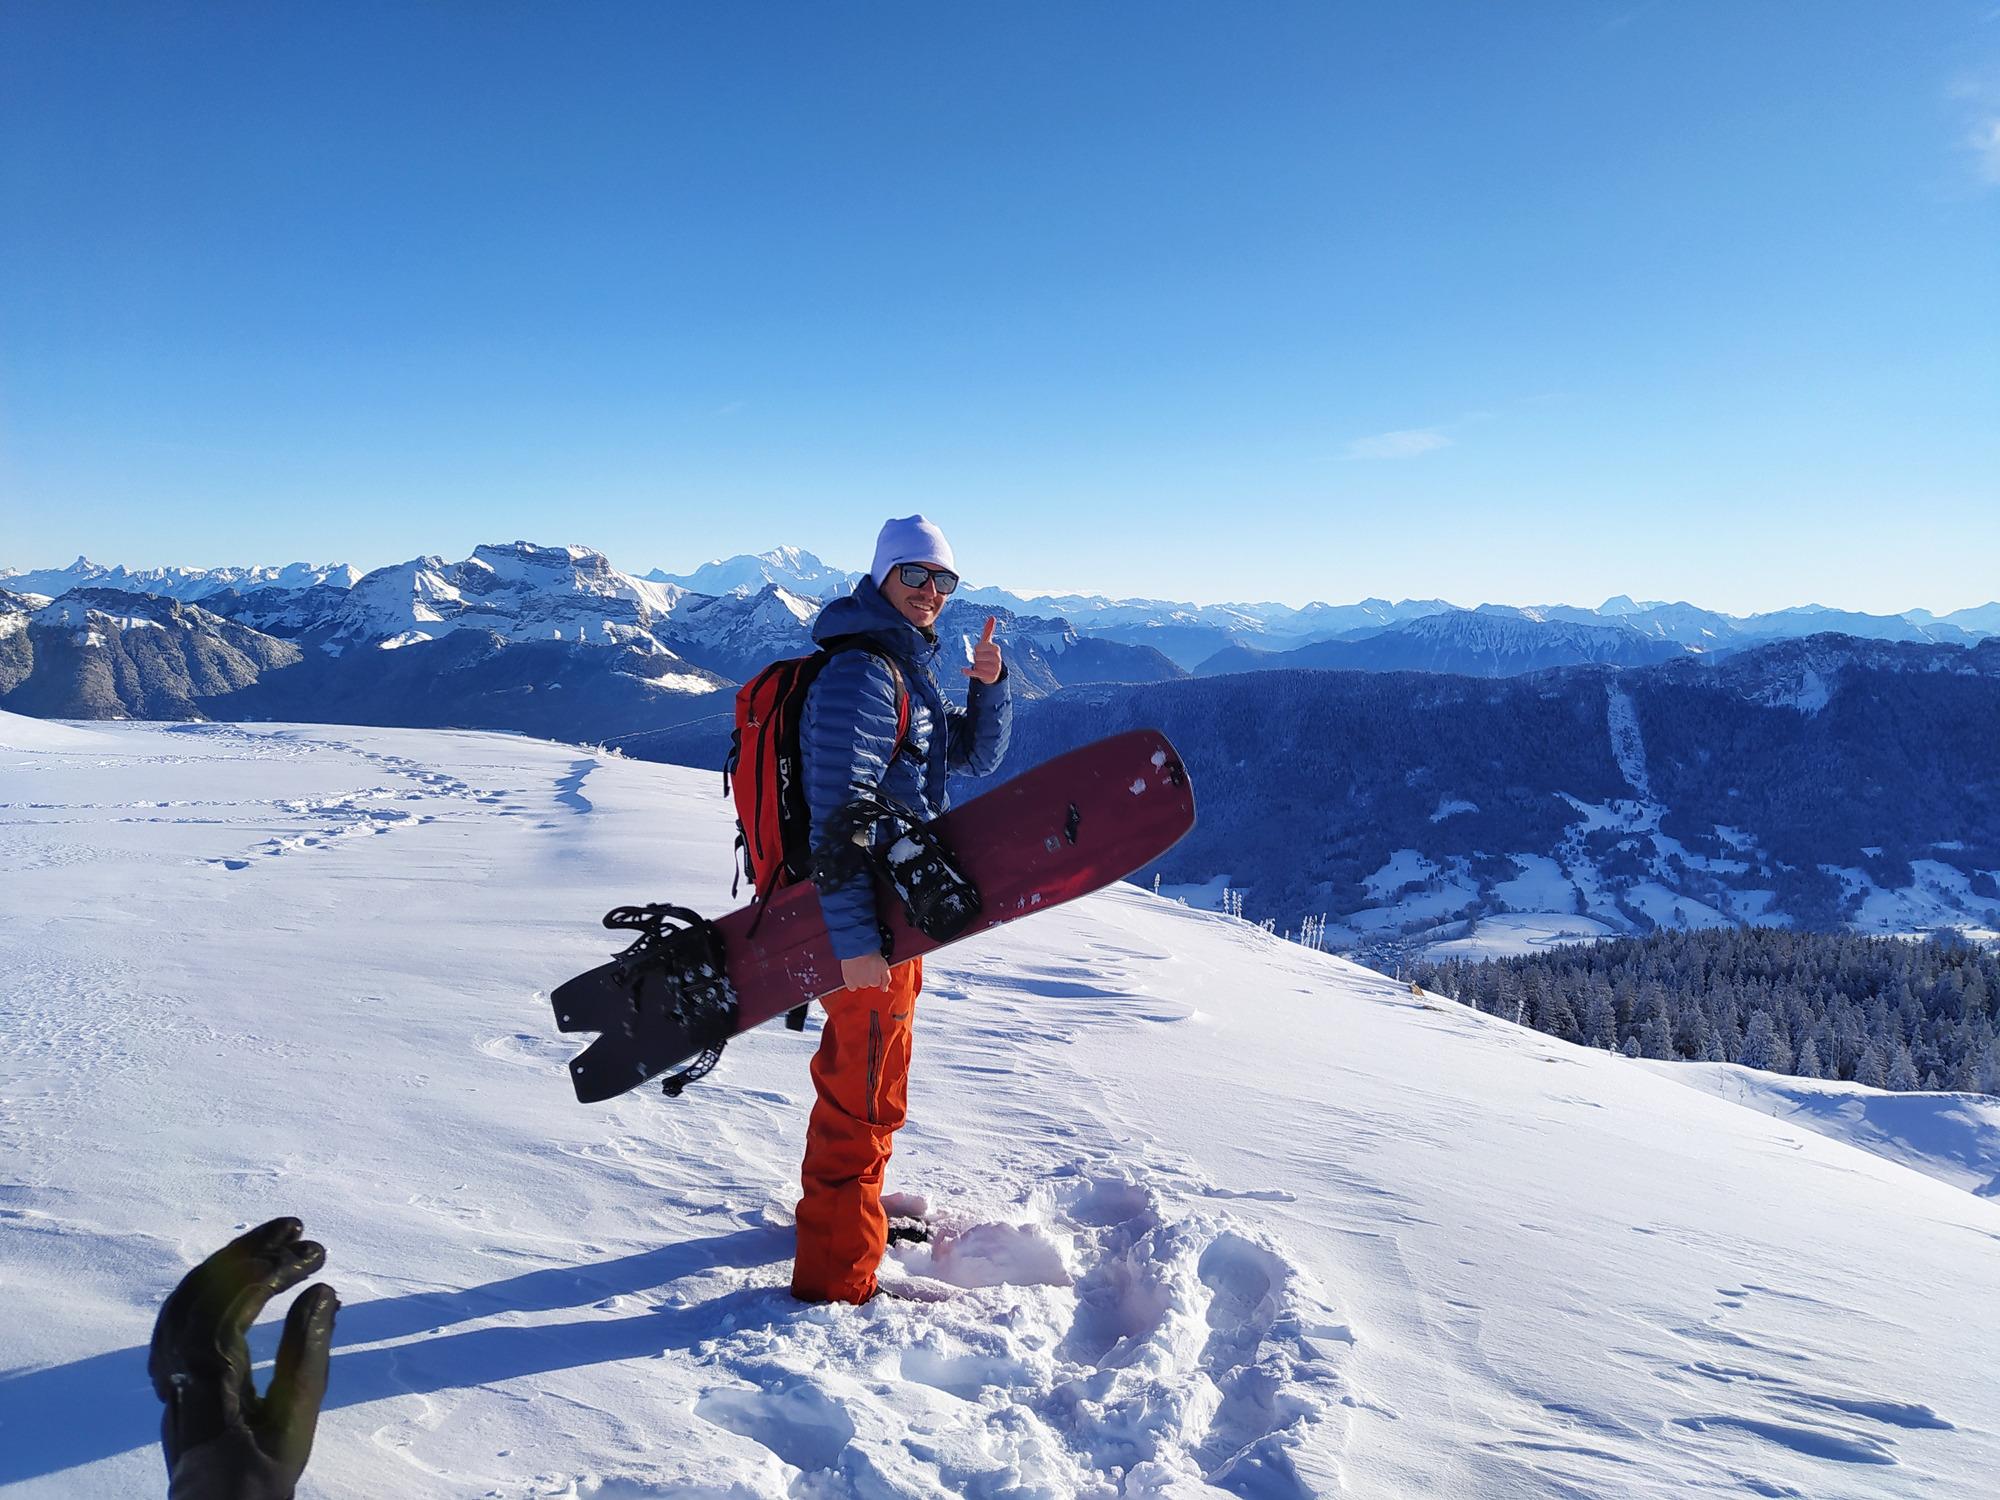 Nitro Snowboards quiver squash 159